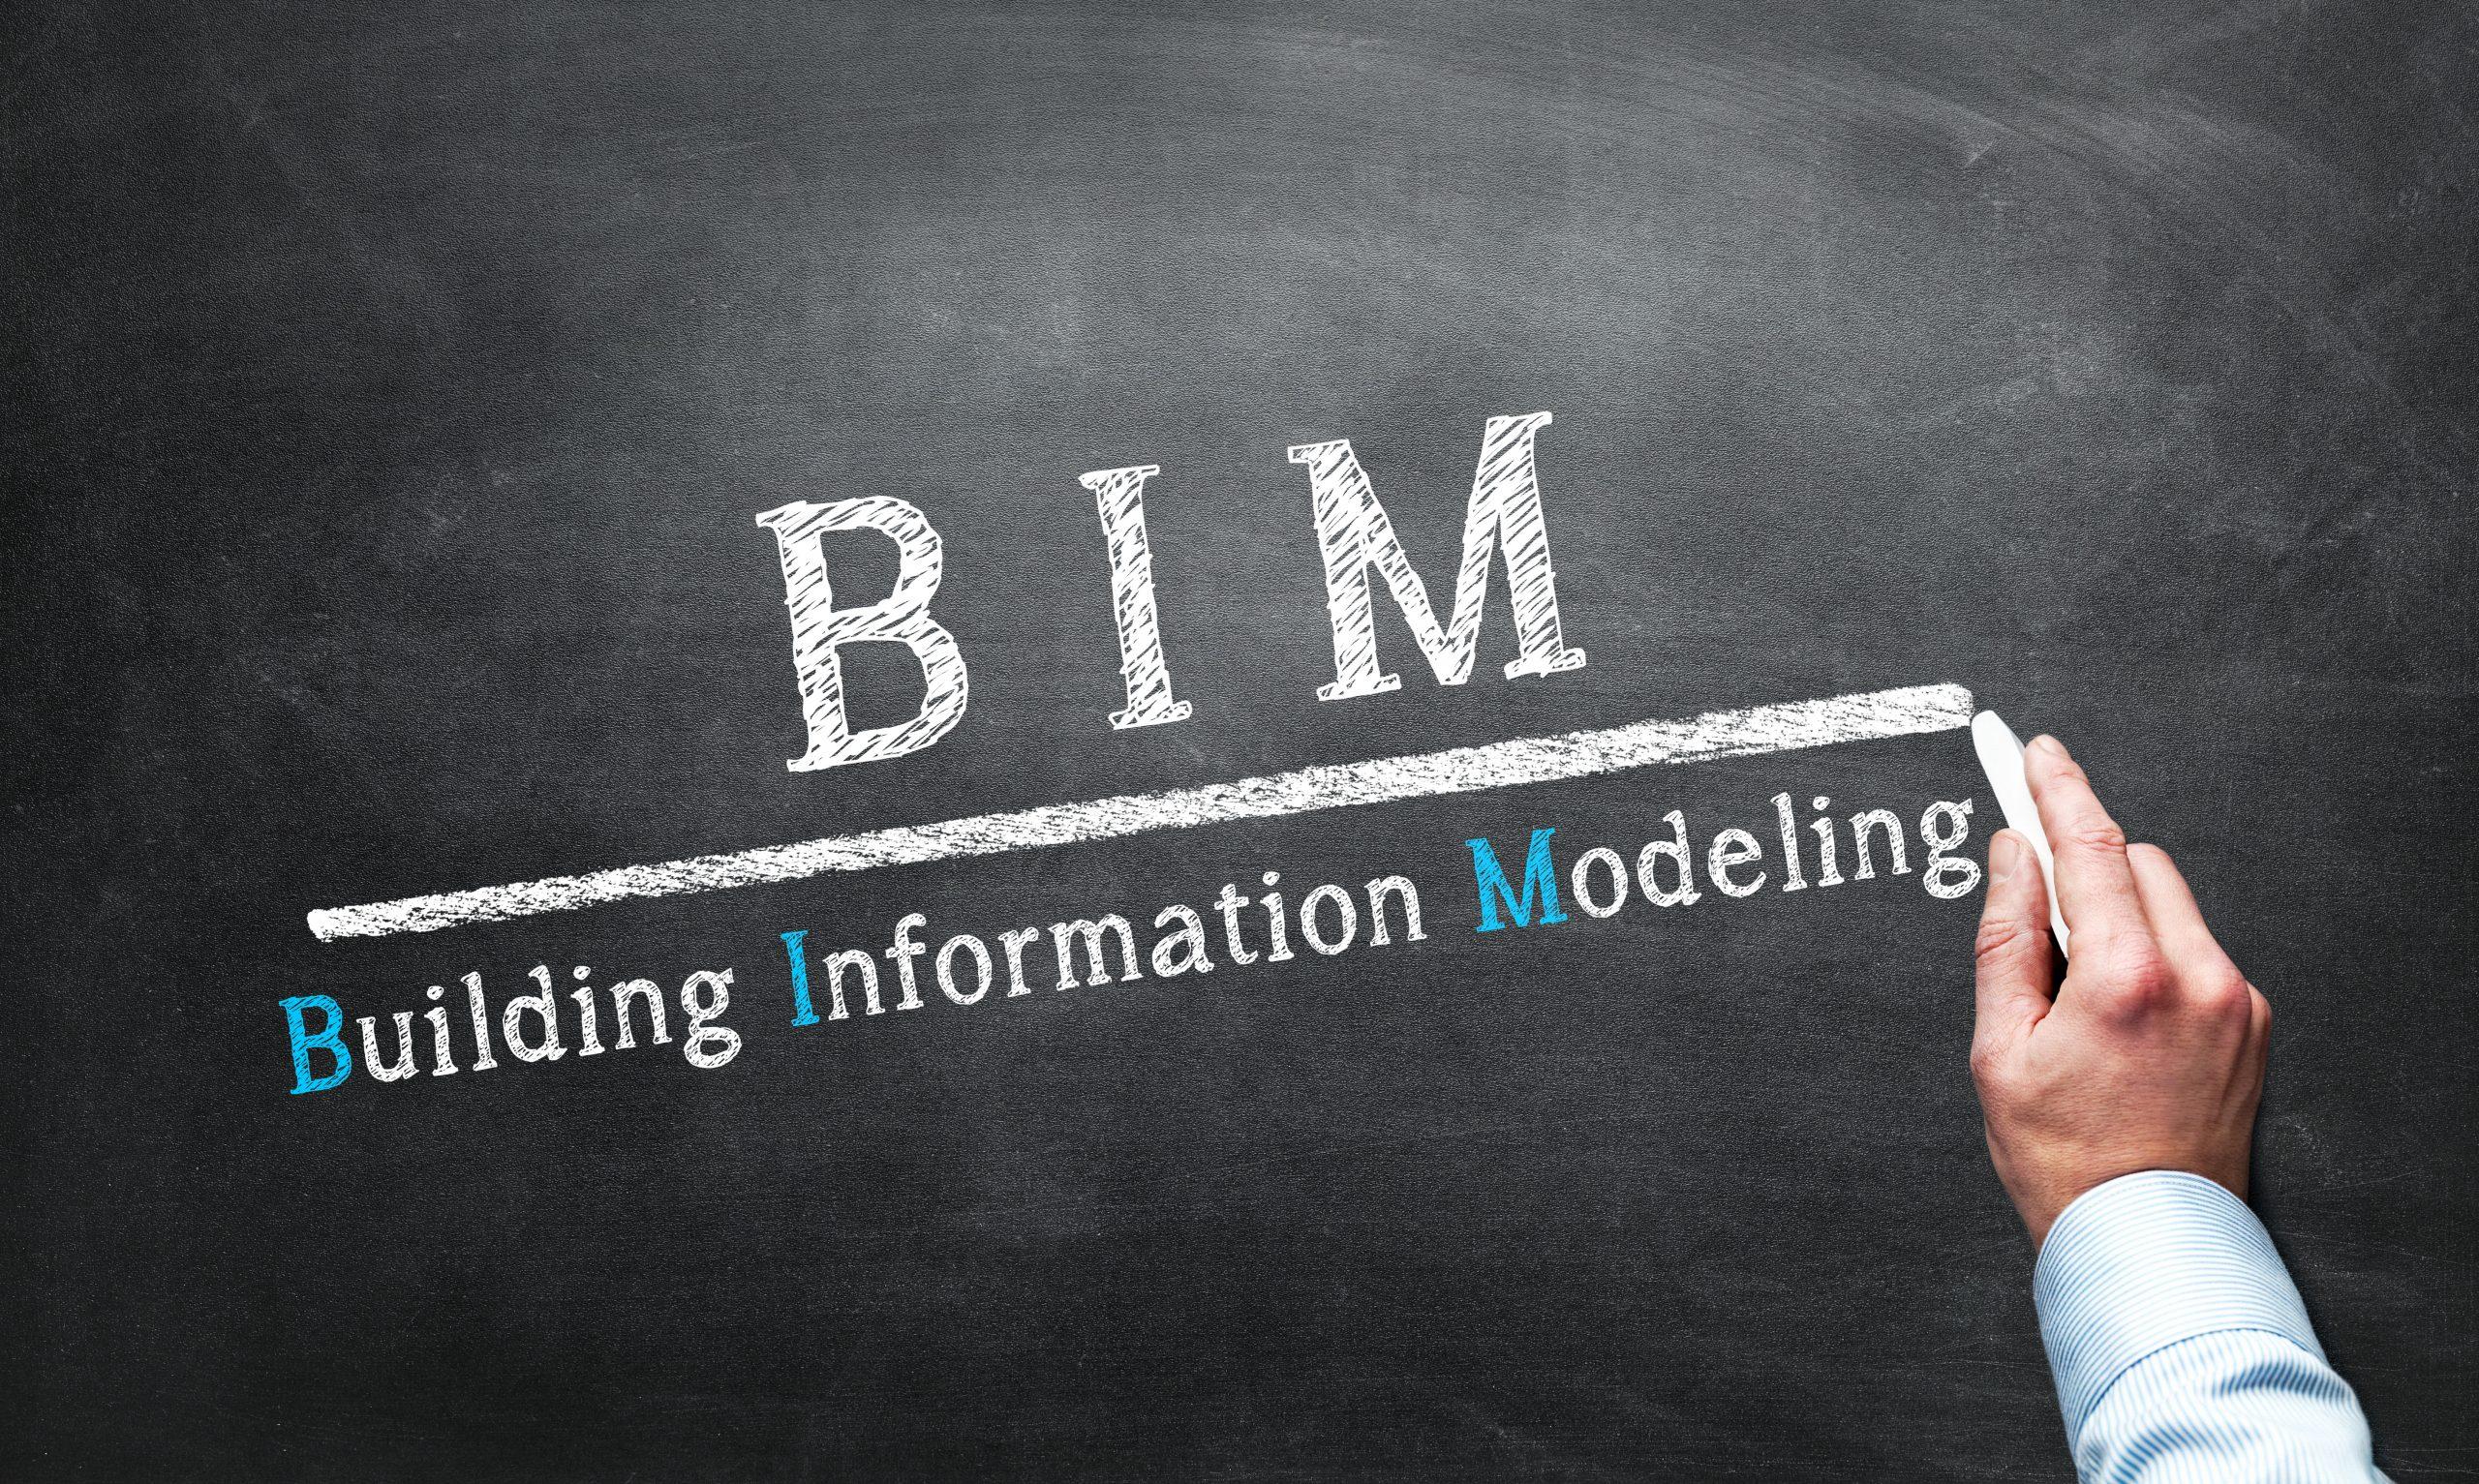 BIMって何?特徴とメリットをわかりやすく解説!